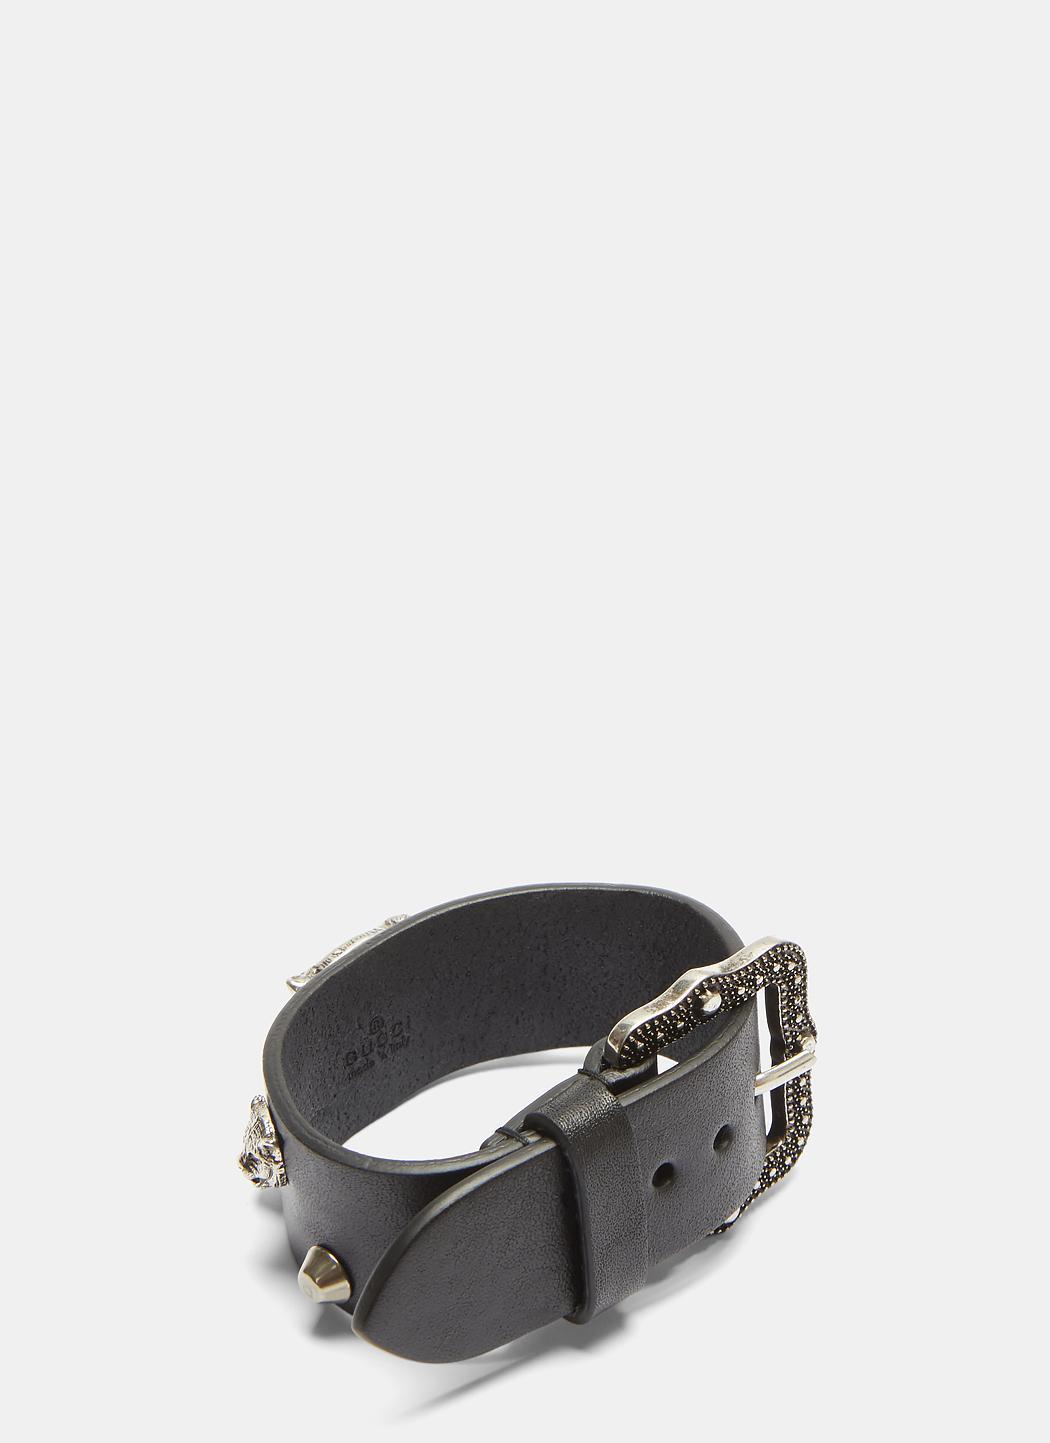 Gucci Feline Studded Leather Buckle Bracelet stZuhVoF